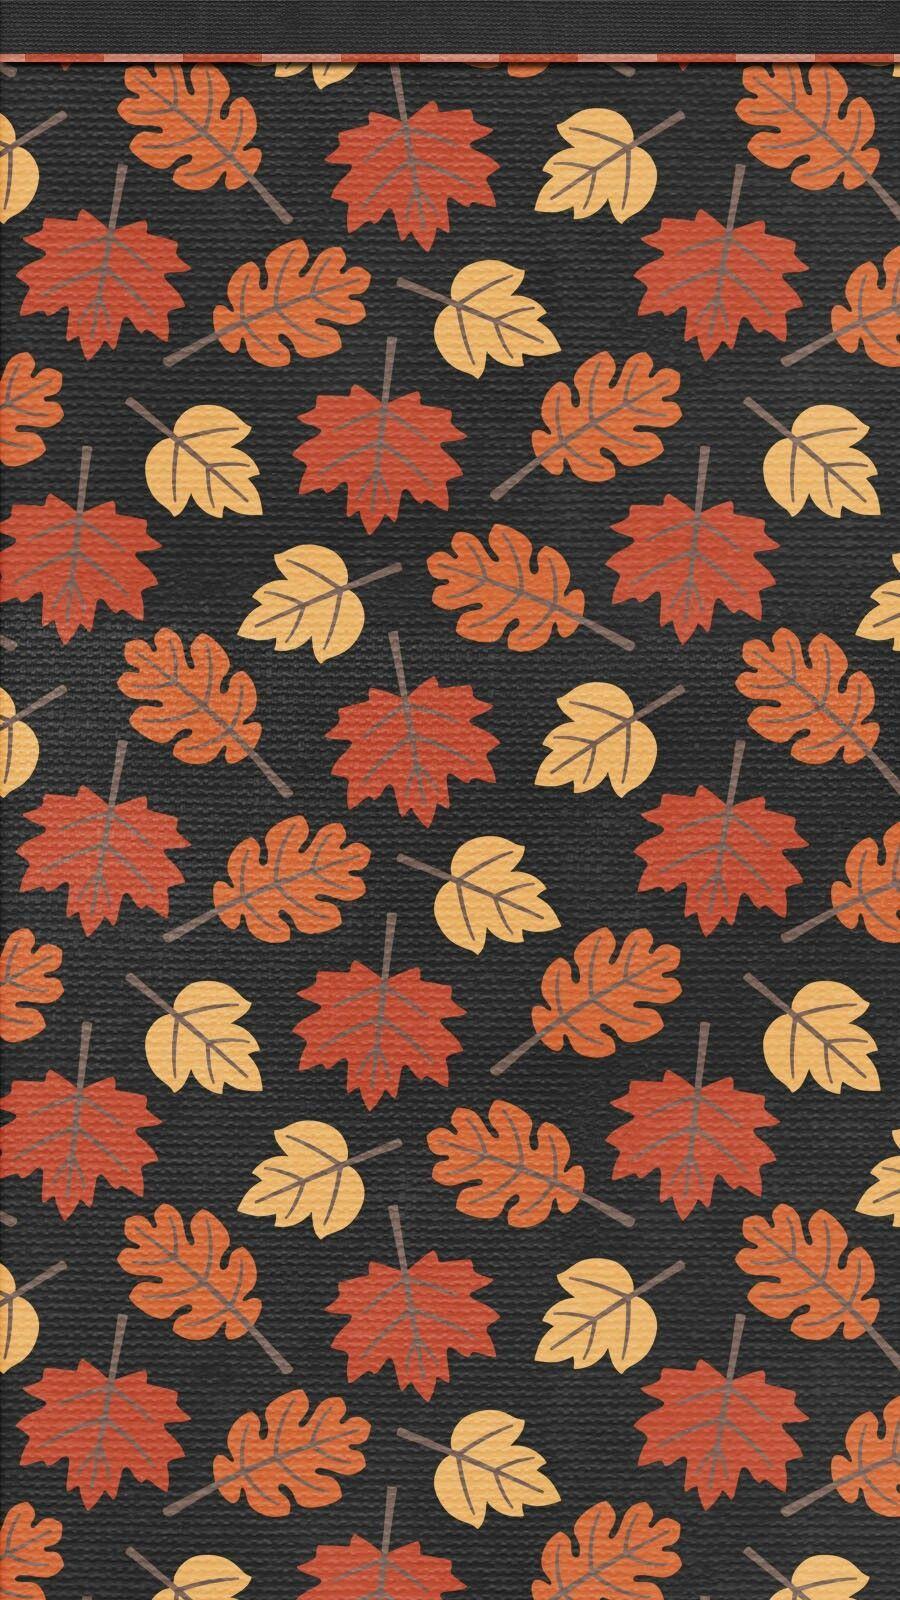 Autumn Wallpaper Tumblr Cuteautumnwallpaper Fall Wallpaper Iphone Wallpaper Fall Thanksgiving Wallpaper